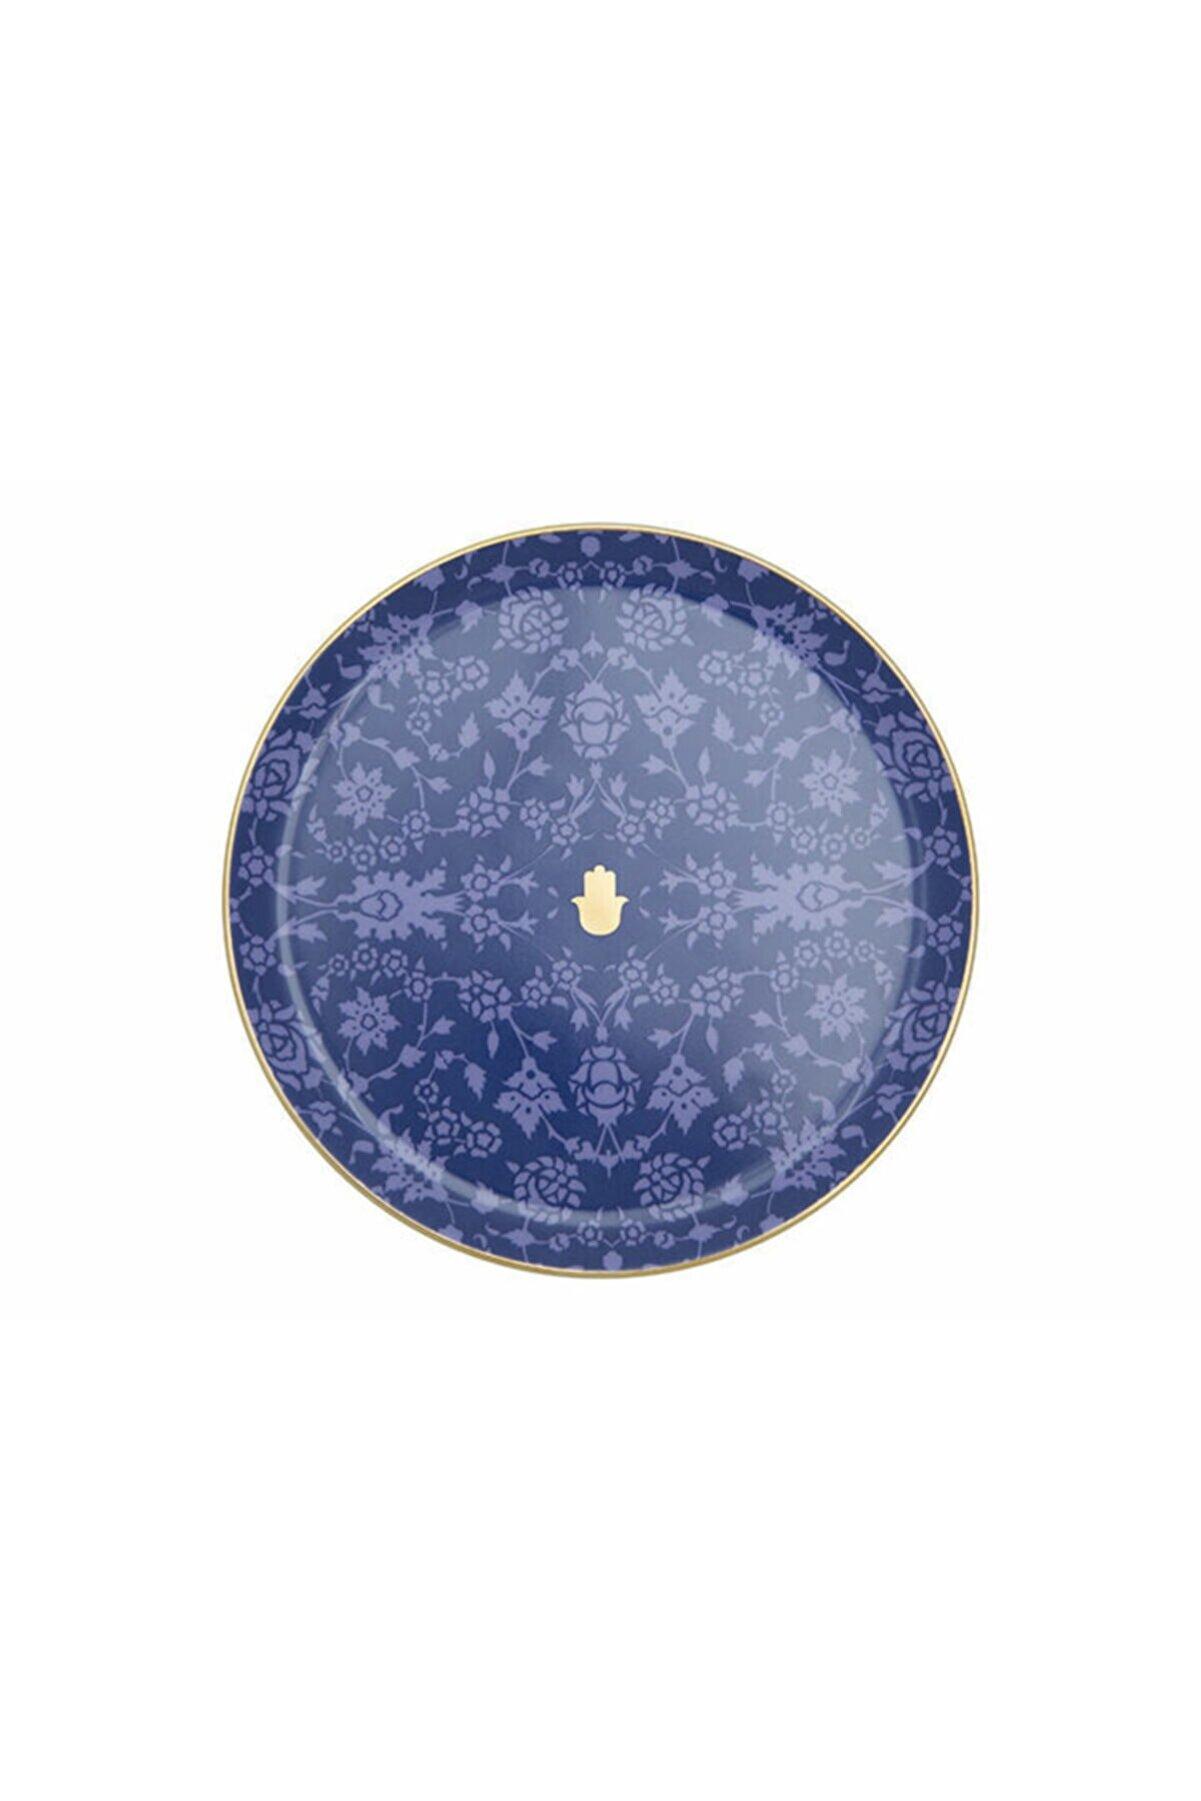 Porland Glamorous Lacivert Düz Tabak 24cm